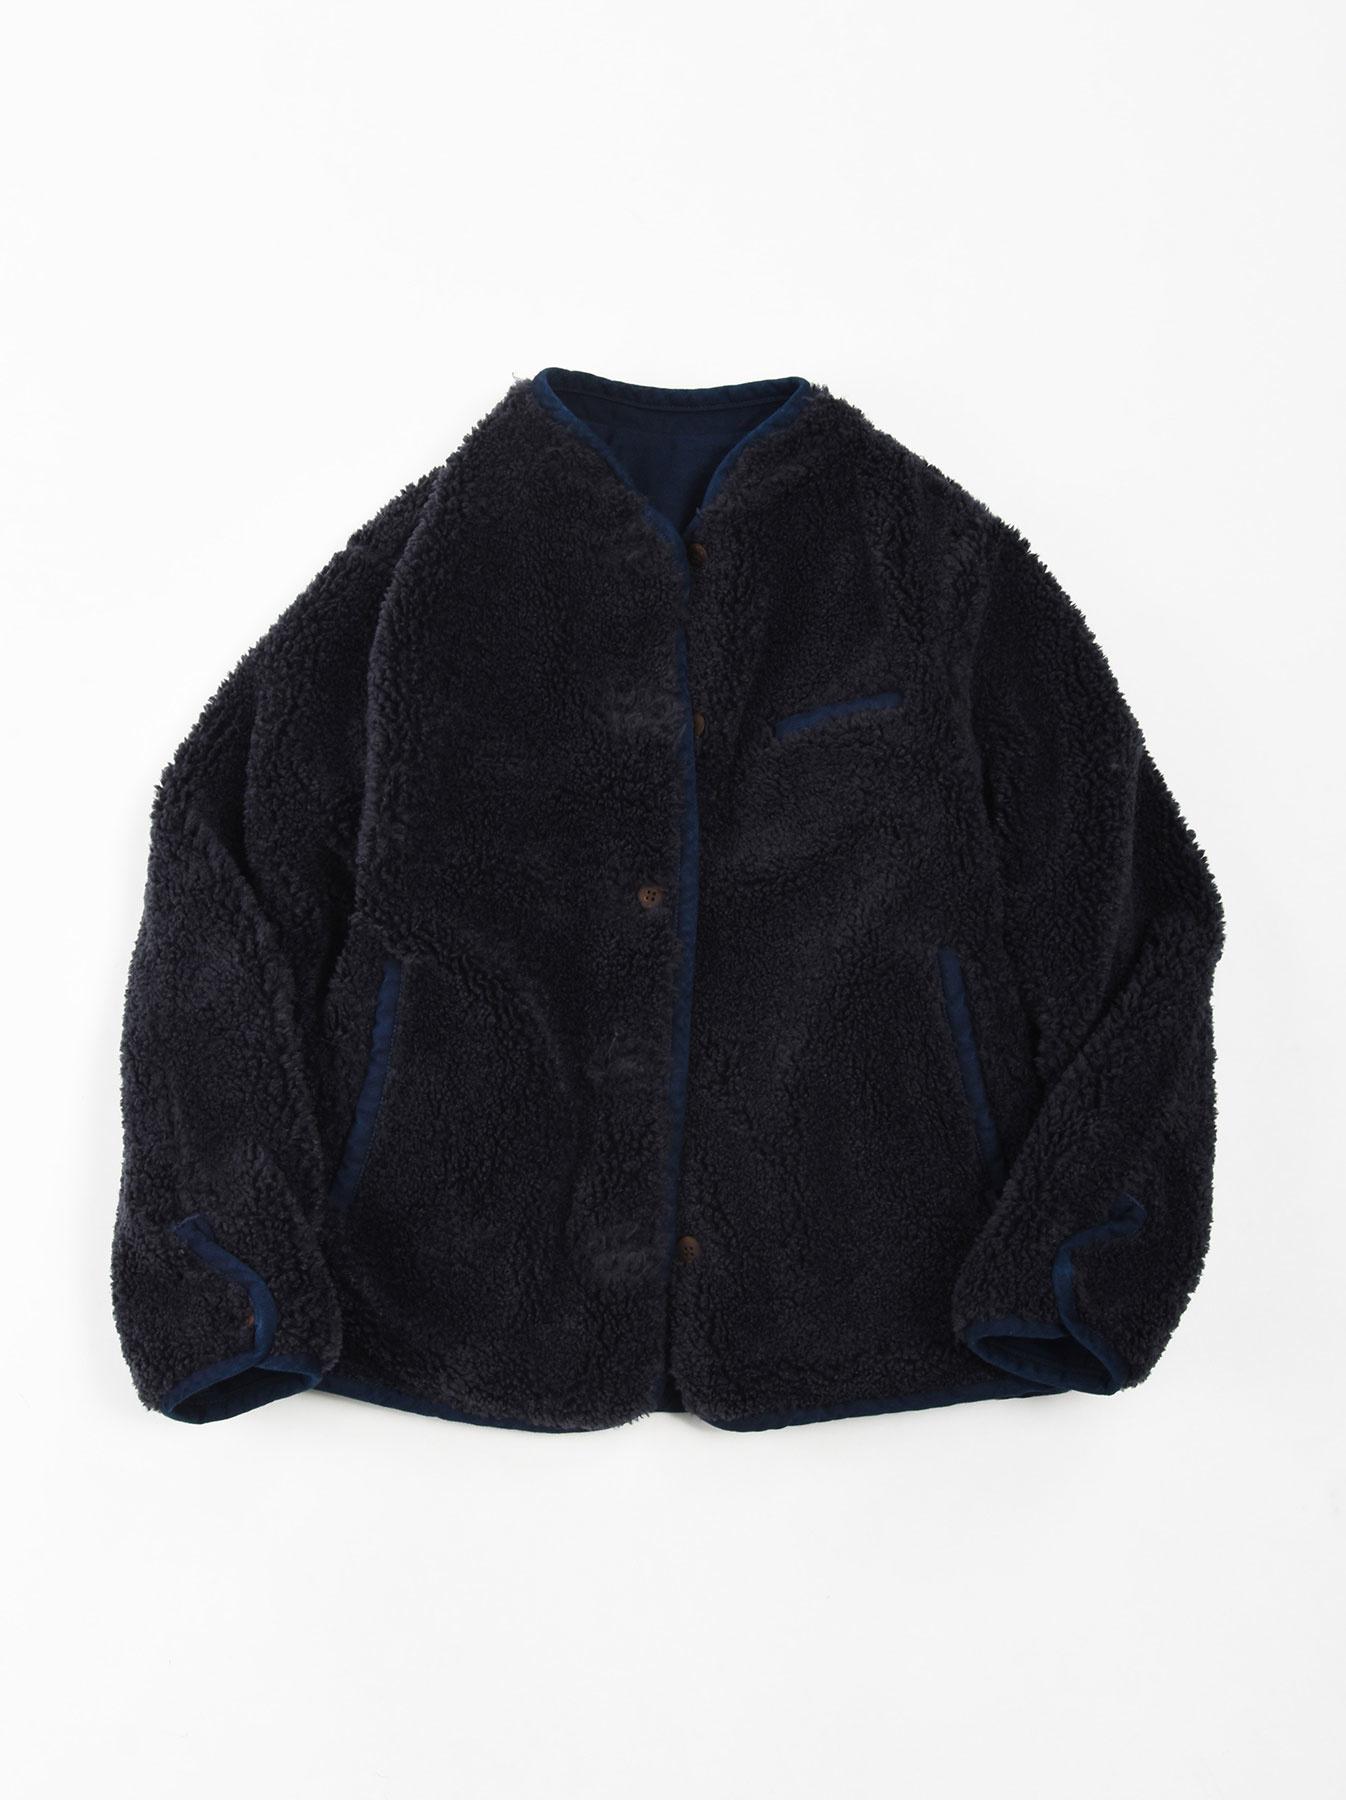 Okome Yoko-shusu Sheep Boa 908 Jacket-4